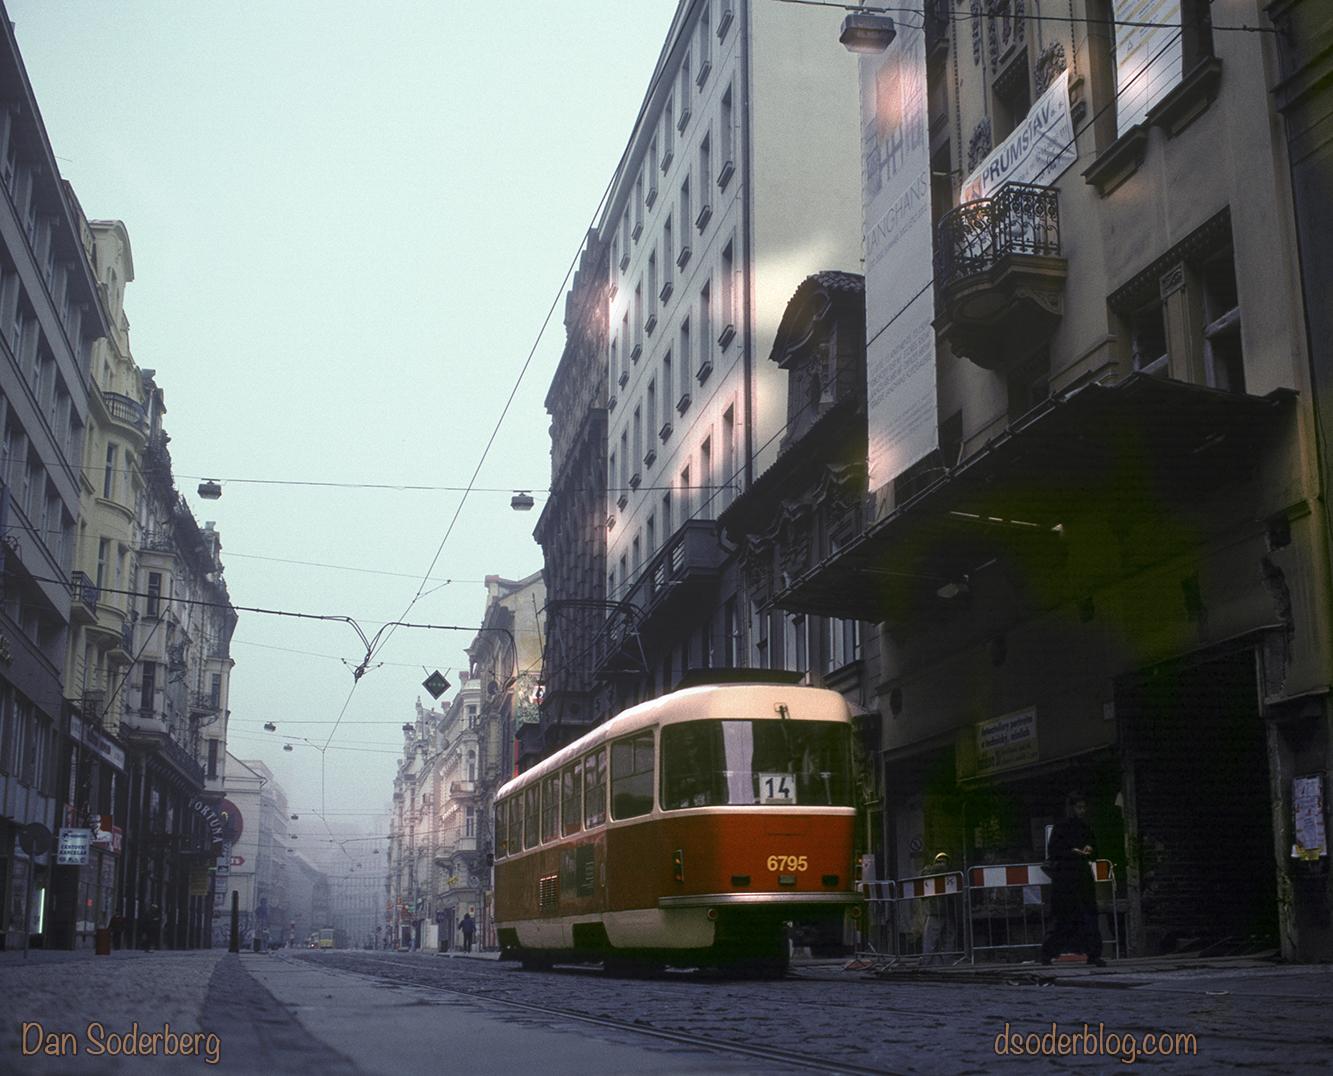 prague-street-car-4